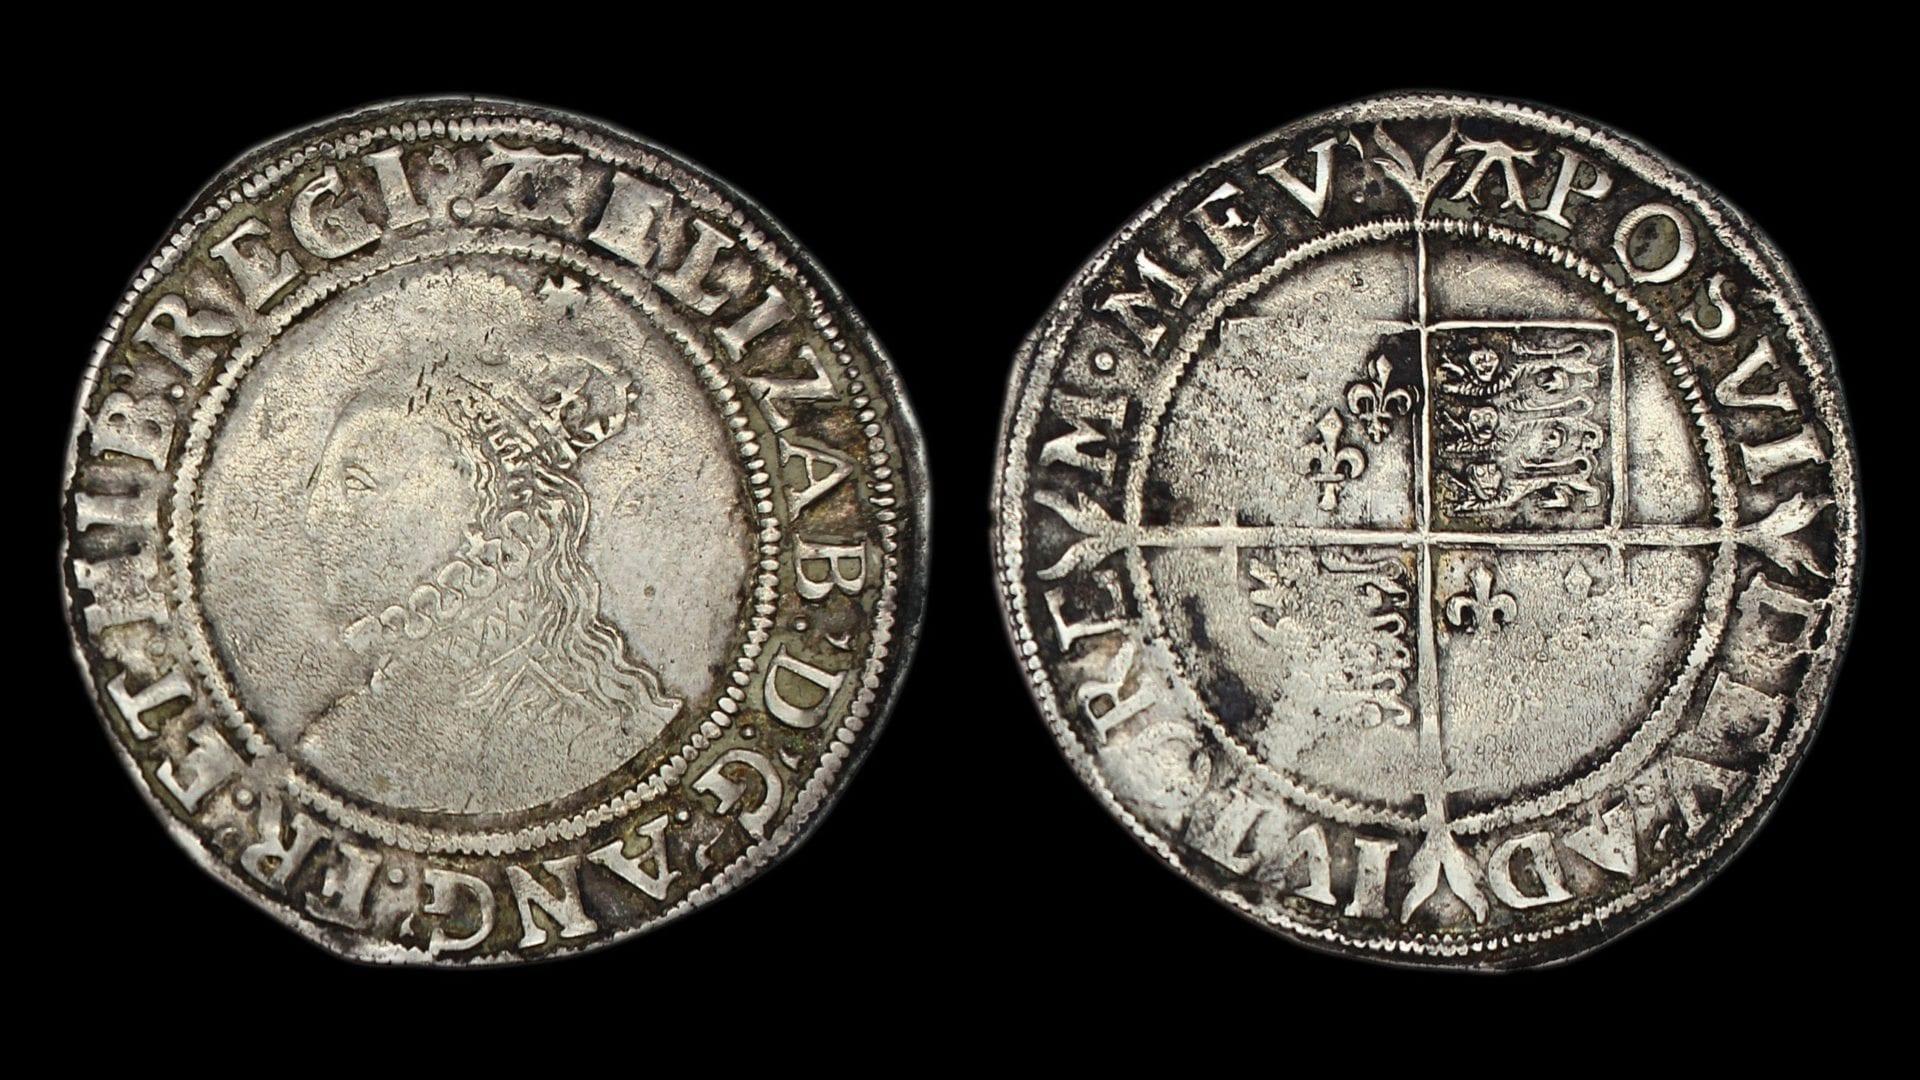 Elizabeth Ist Shilling Sixth Issue 1582-1584